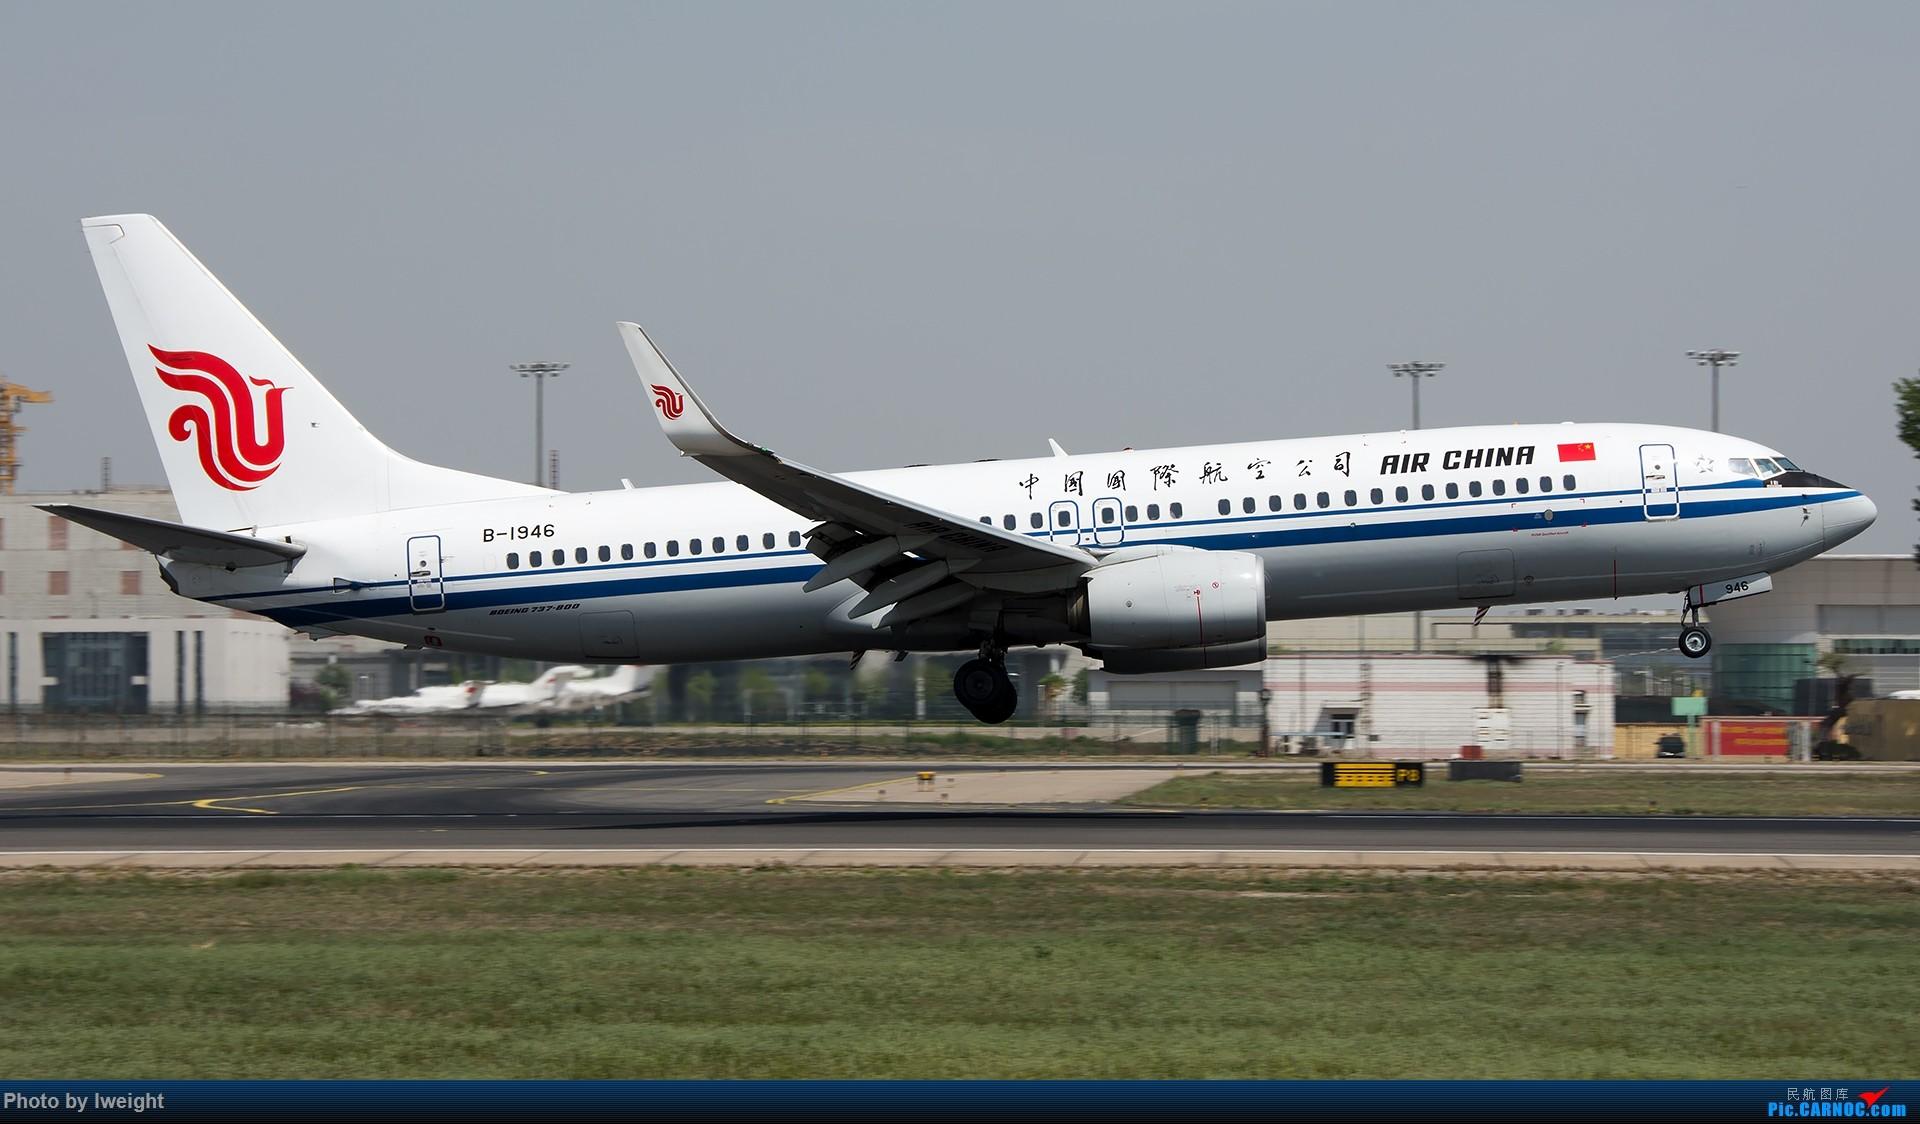 Re:[原创]天气晴朗,继续守候18R【多图】 BOEING 737-800 B-1946 中国北京首都国际机场